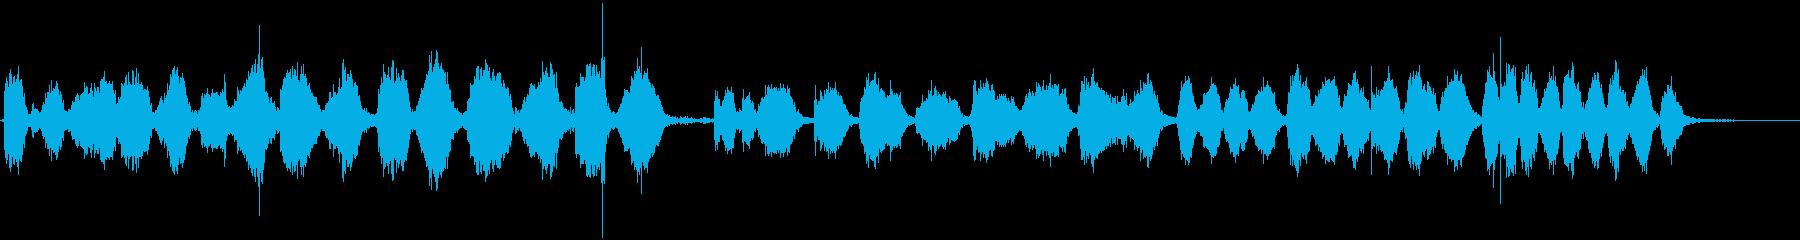 プロパンバーベキュー:ワイヤーブラ...の再生済みの波形